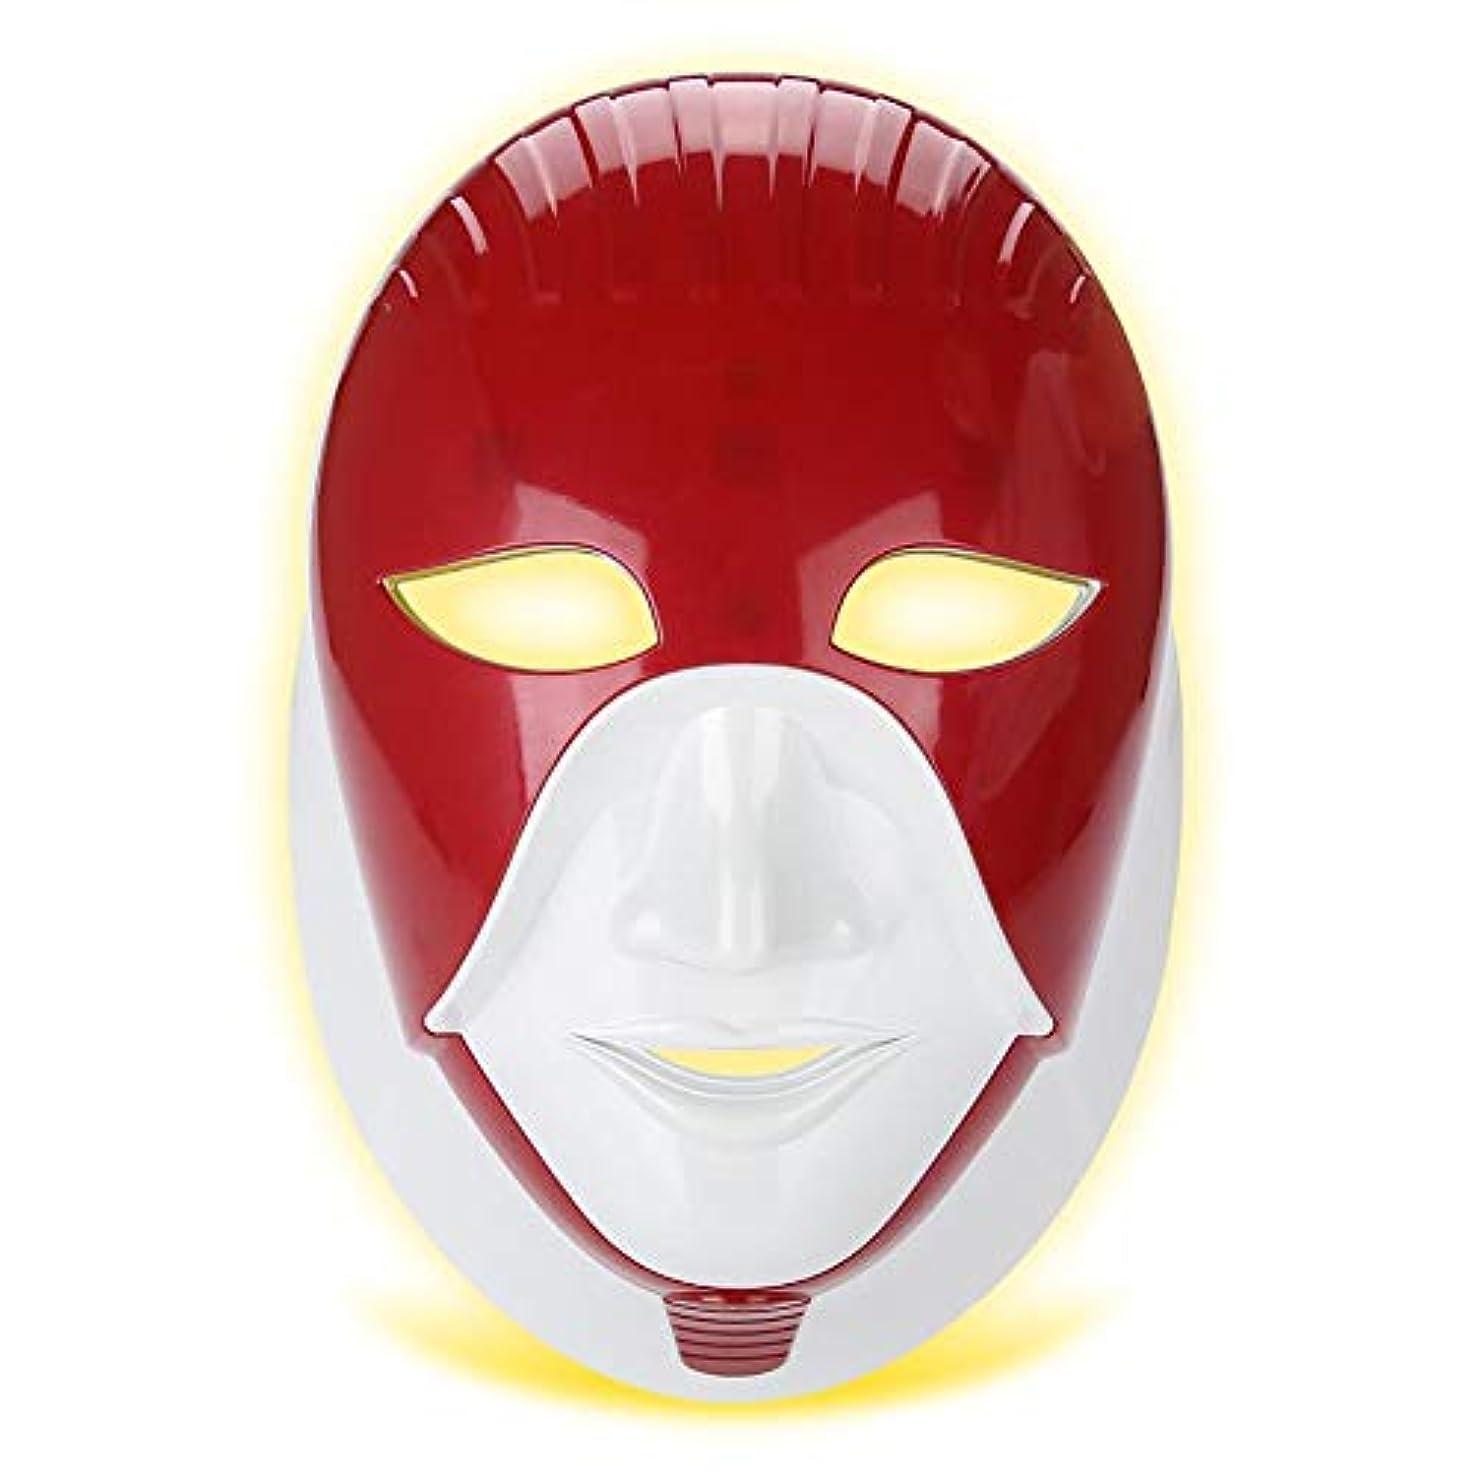 敏感な以内にベジタリアンLEDフェイシャルネックマスク、滑らかな肌のより良いのための7色のネオン - 輝くライトフェイスケア美容ツール、肌のリラクゼーショング、引き締め、調色、引き締まった肌、瑕疵び、美白(02#)